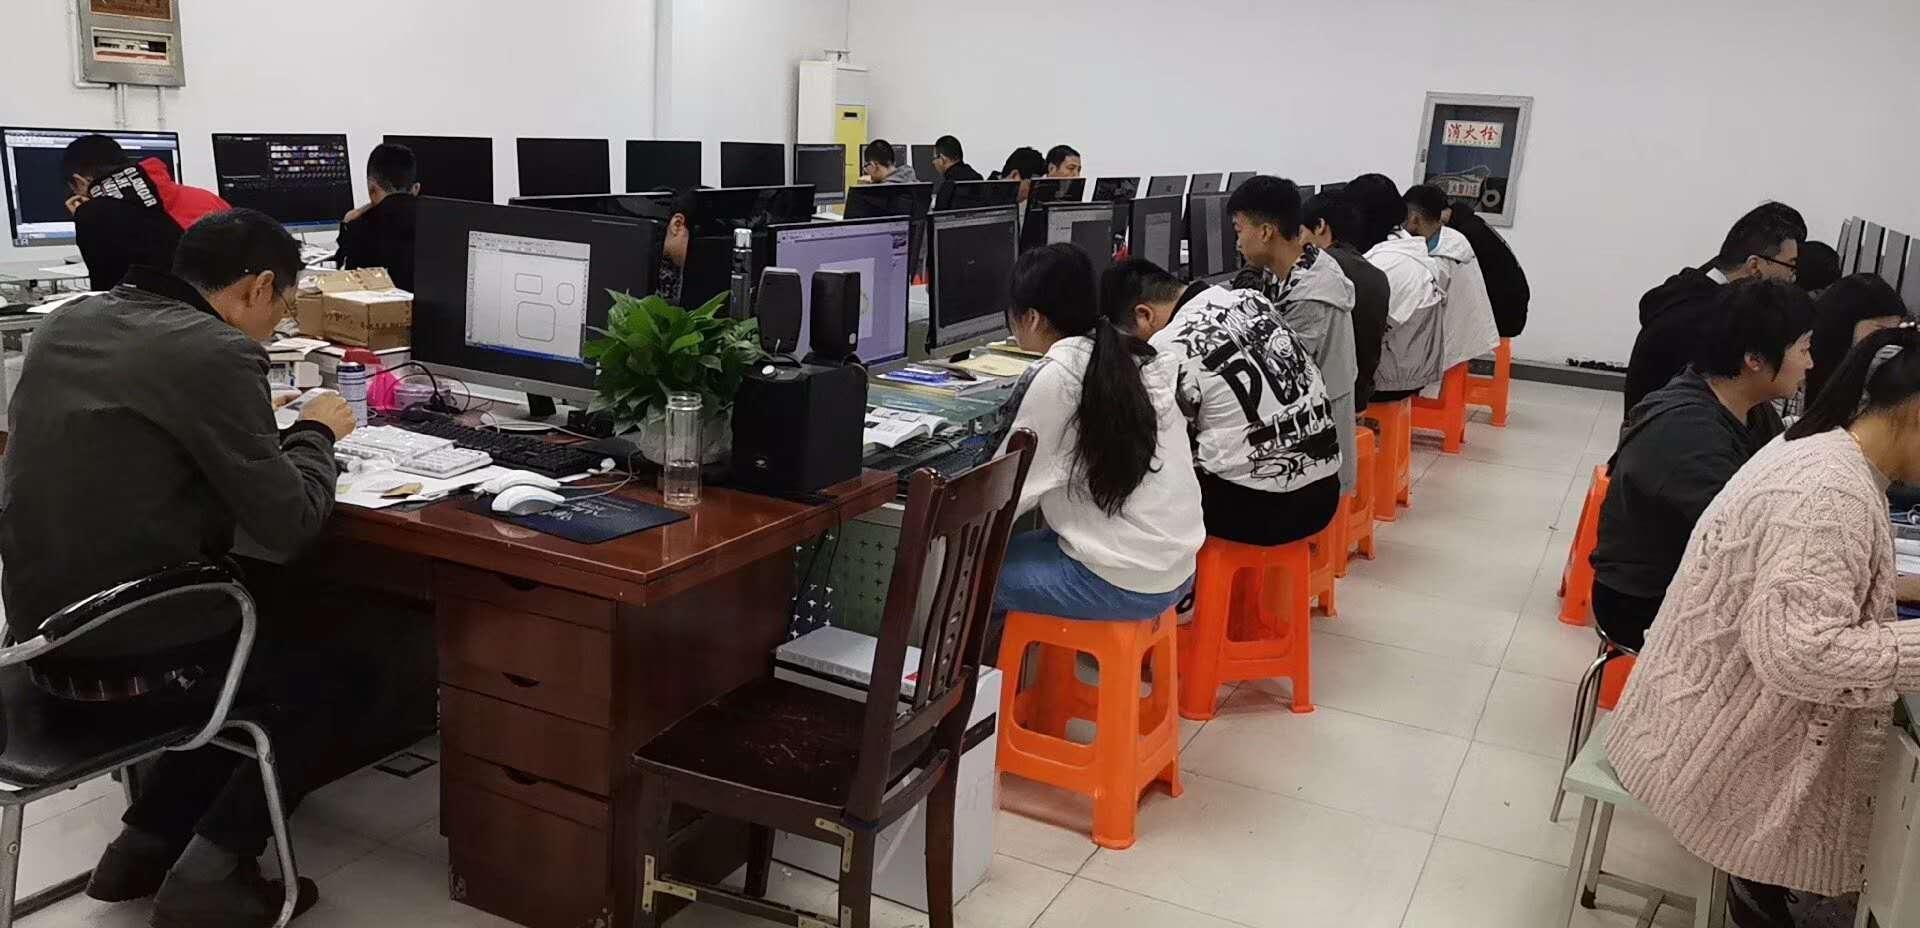 海安电脑培训